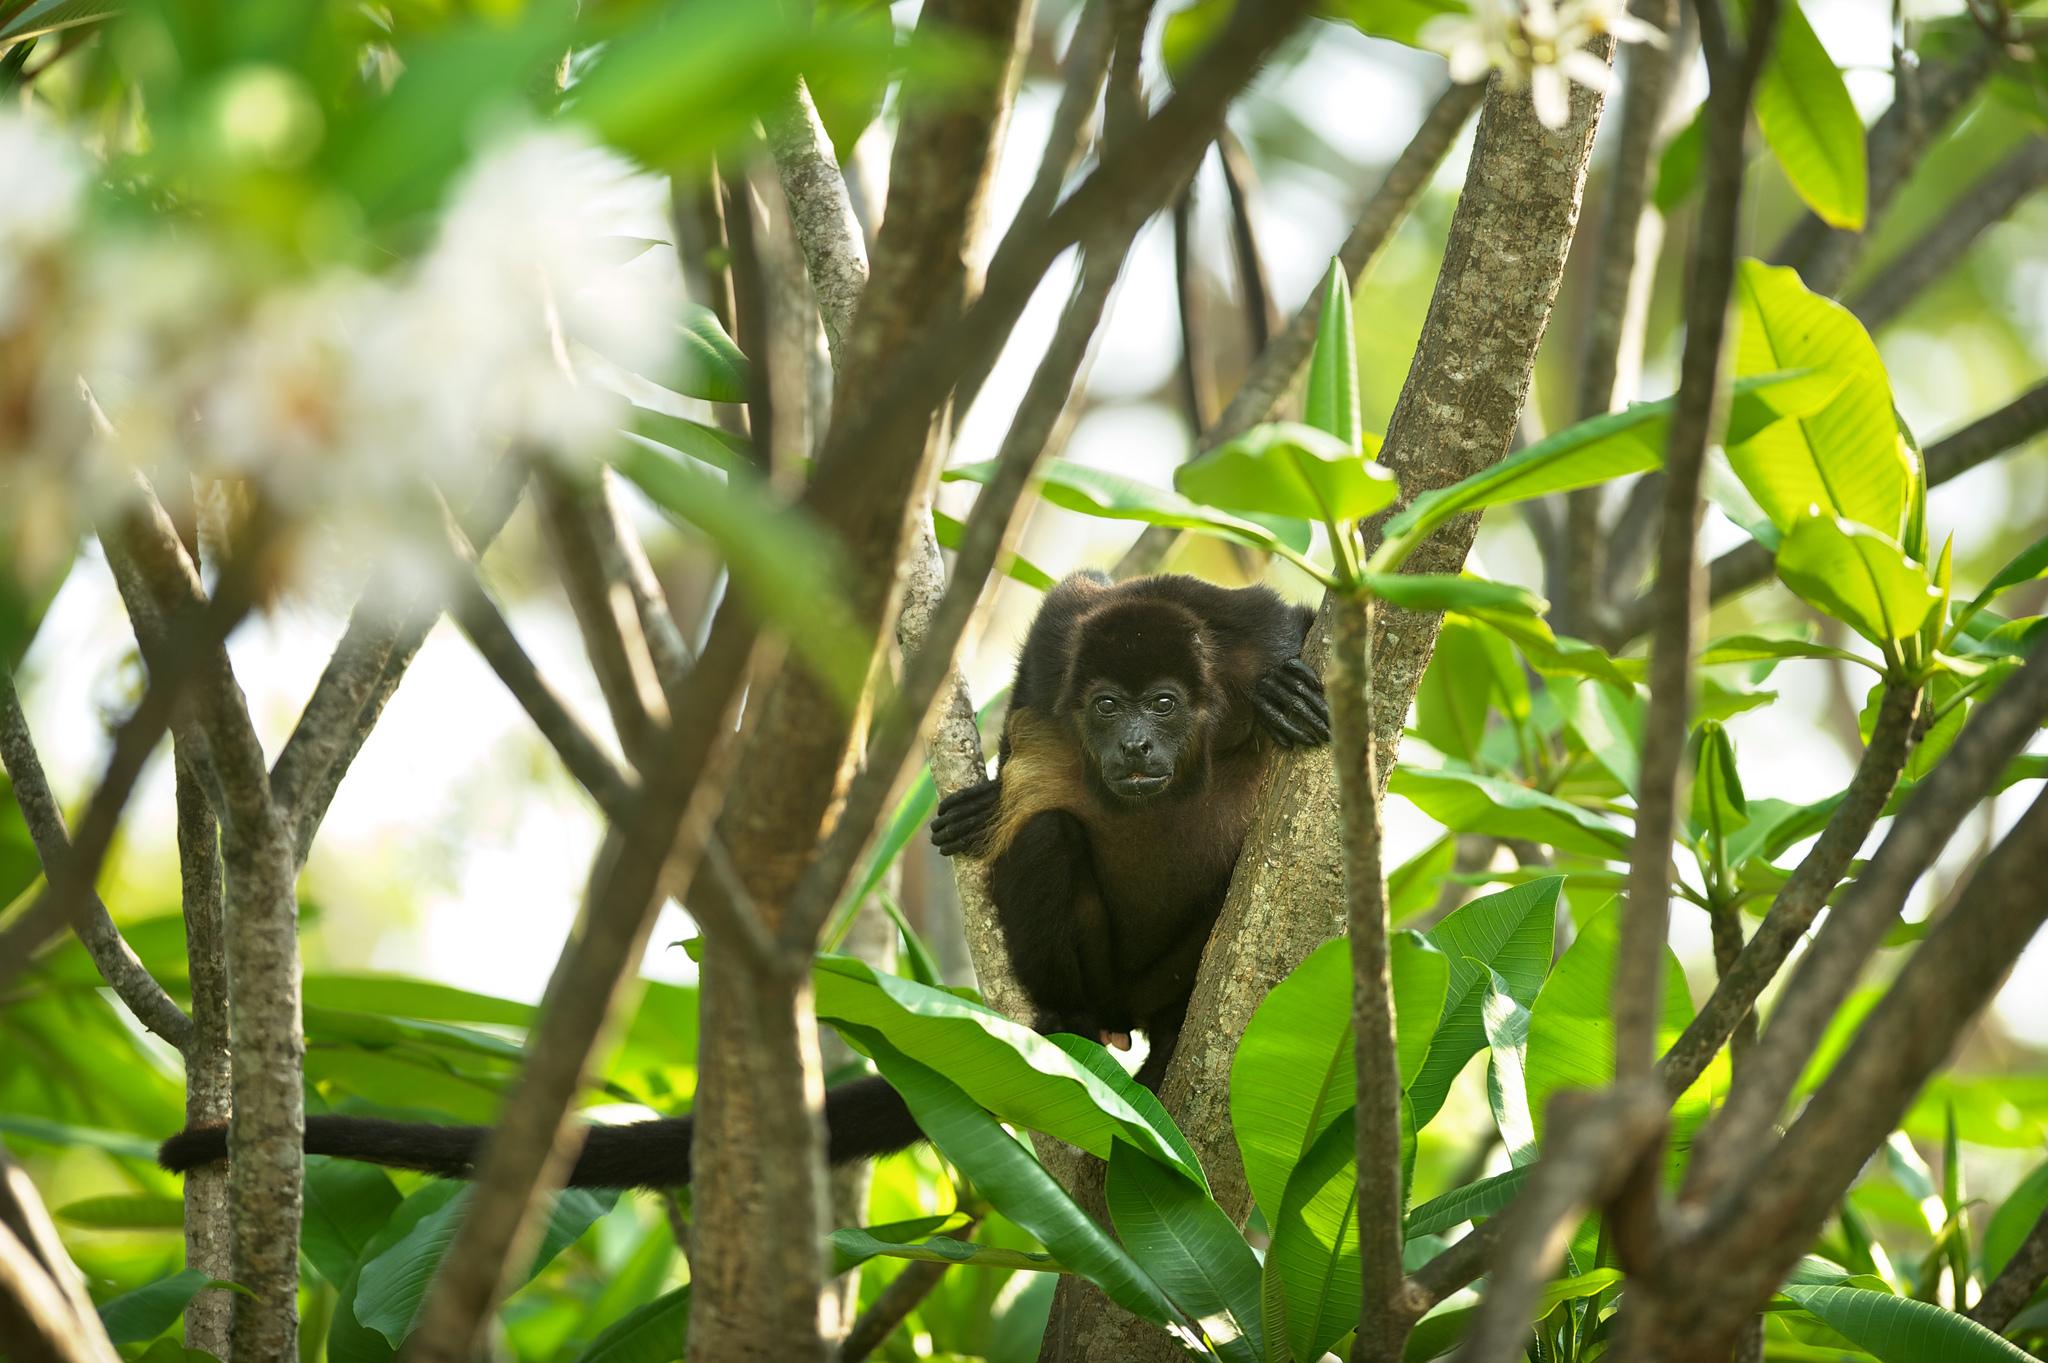 Howler Monkey at Florblanca